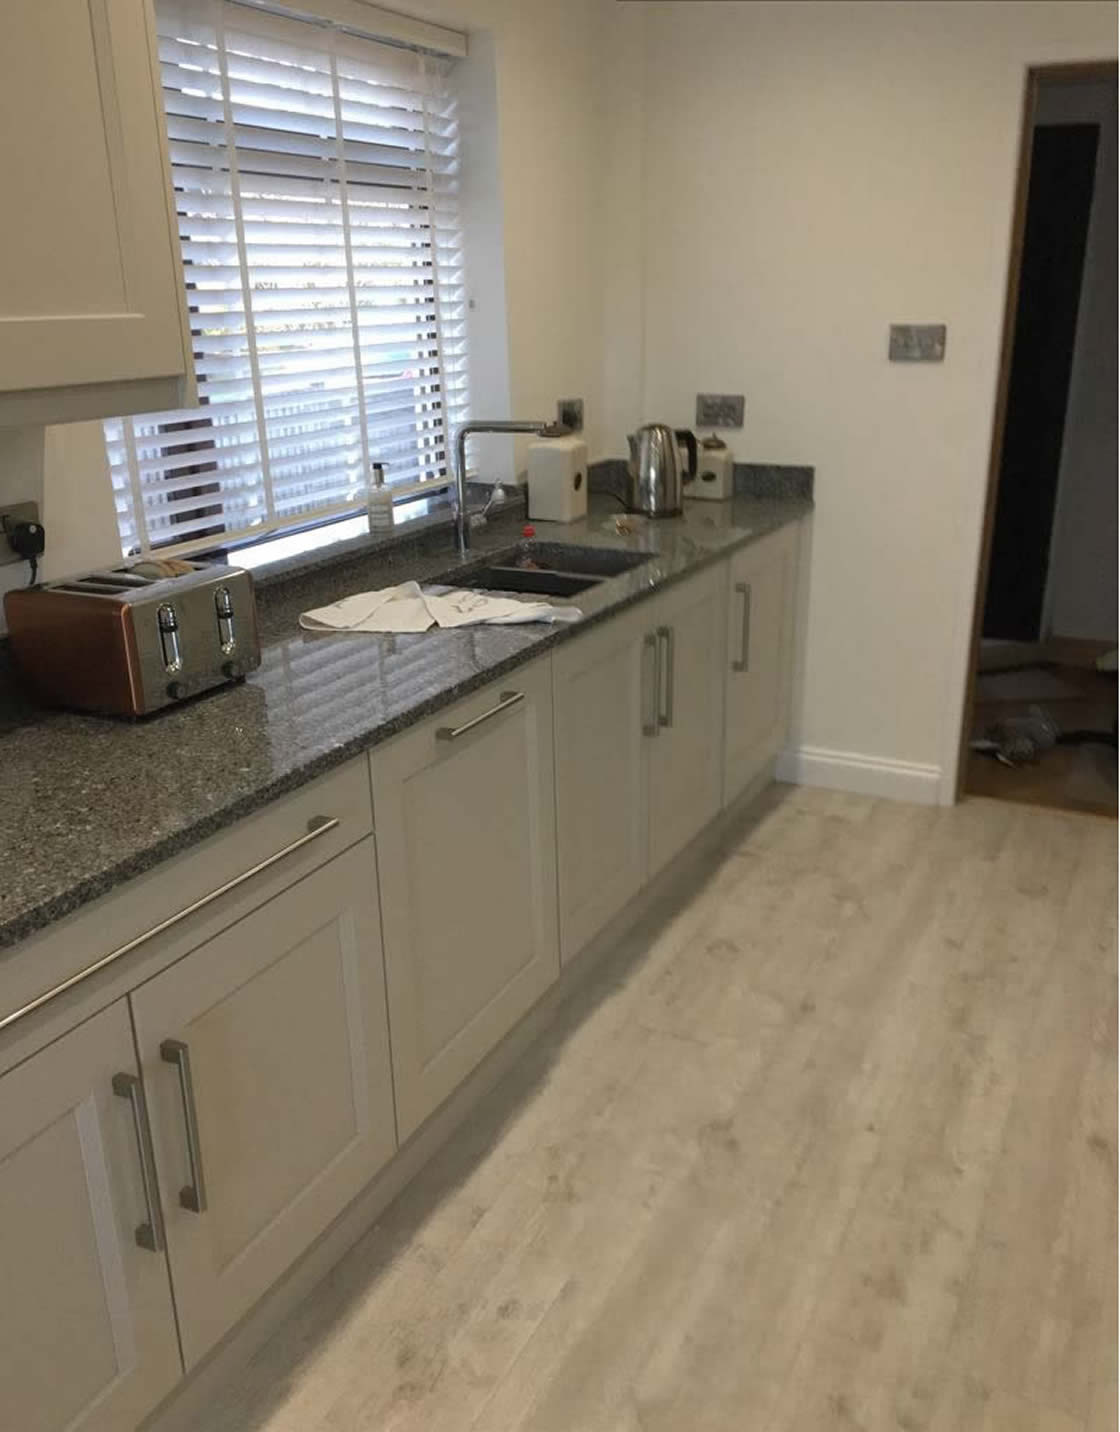 Bespoke Kitchen Installation showing Moduleo HQV Flooring